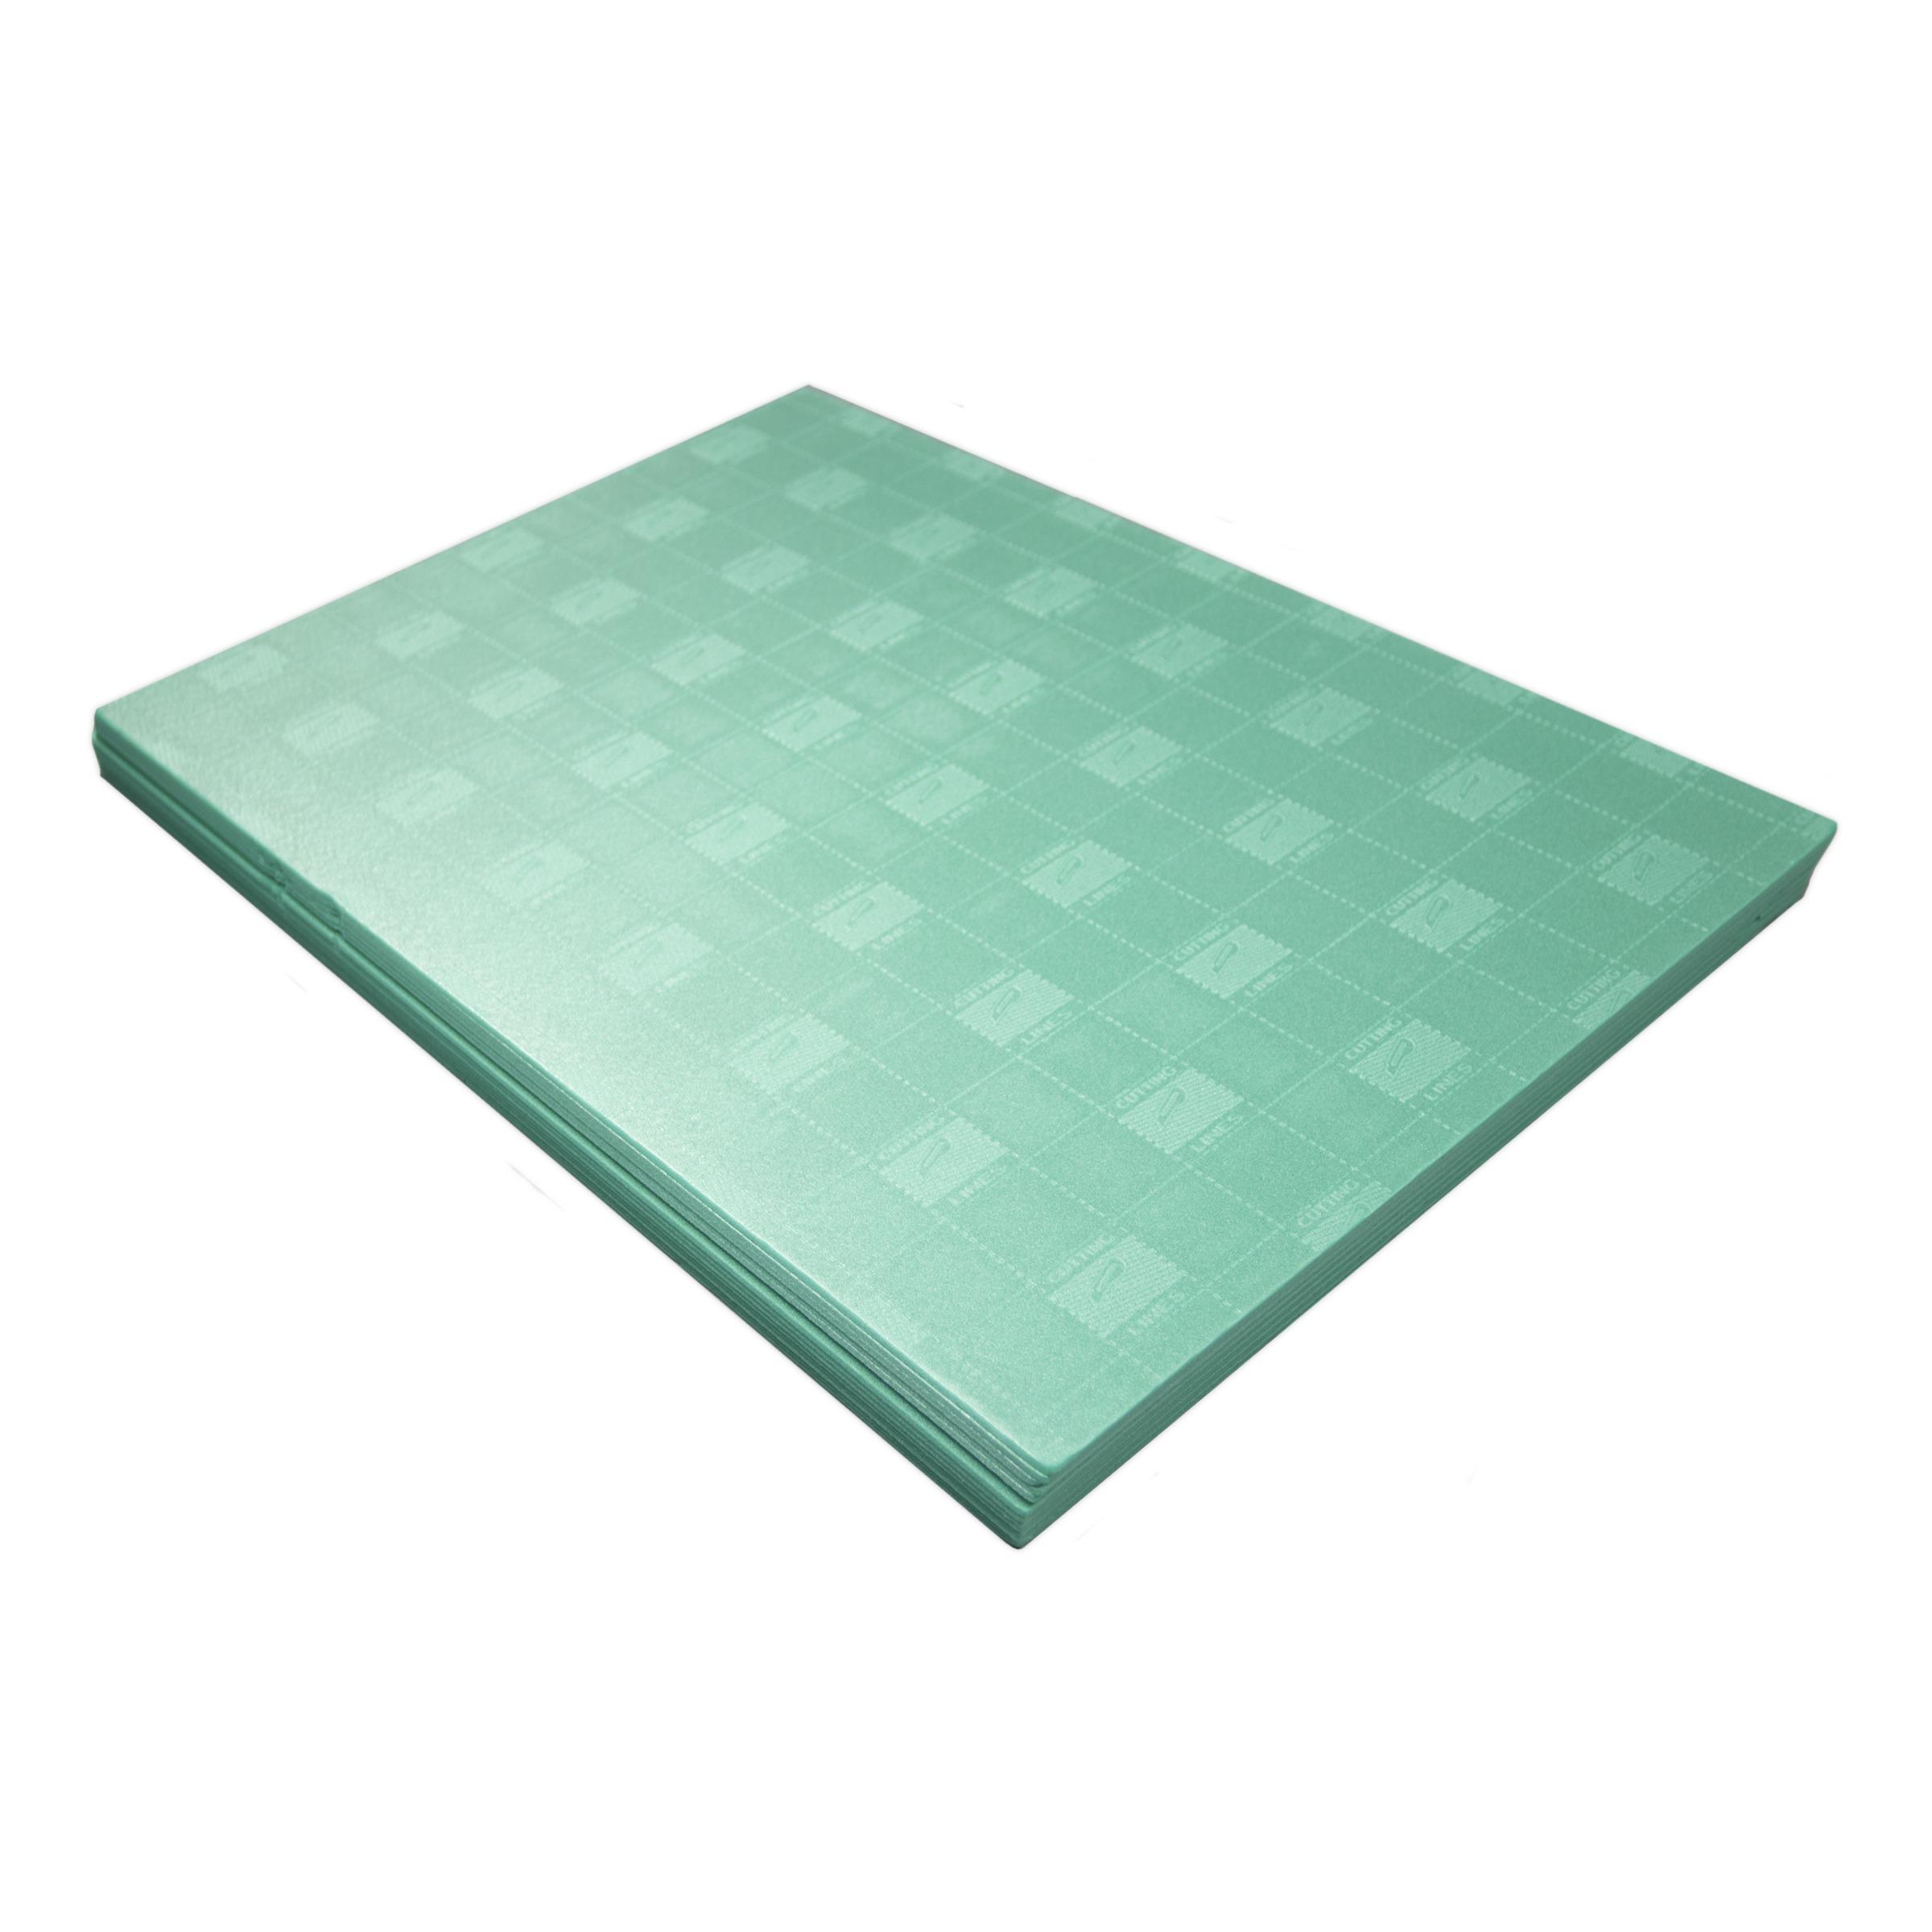 Met de firstfloor isobase ondervloer 3 mm 7 m² leg je een prima basis voor je nieuwe vloer. met de ...